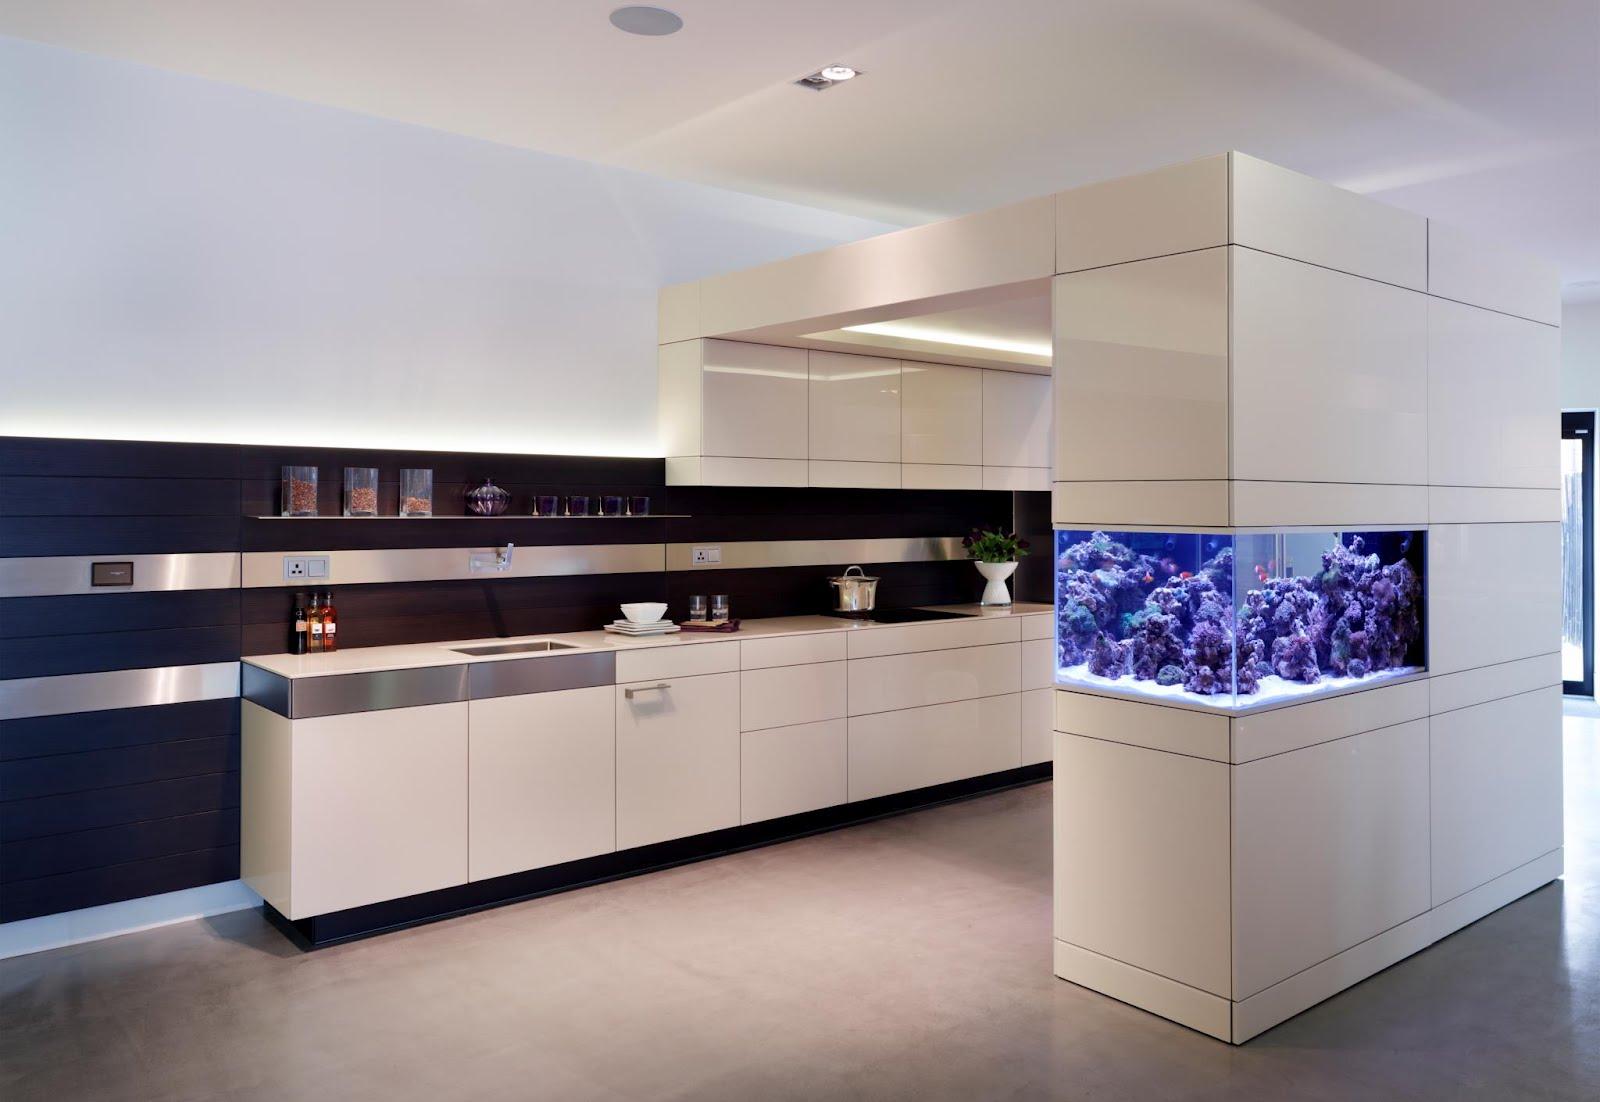 Аквариум на кухне фото